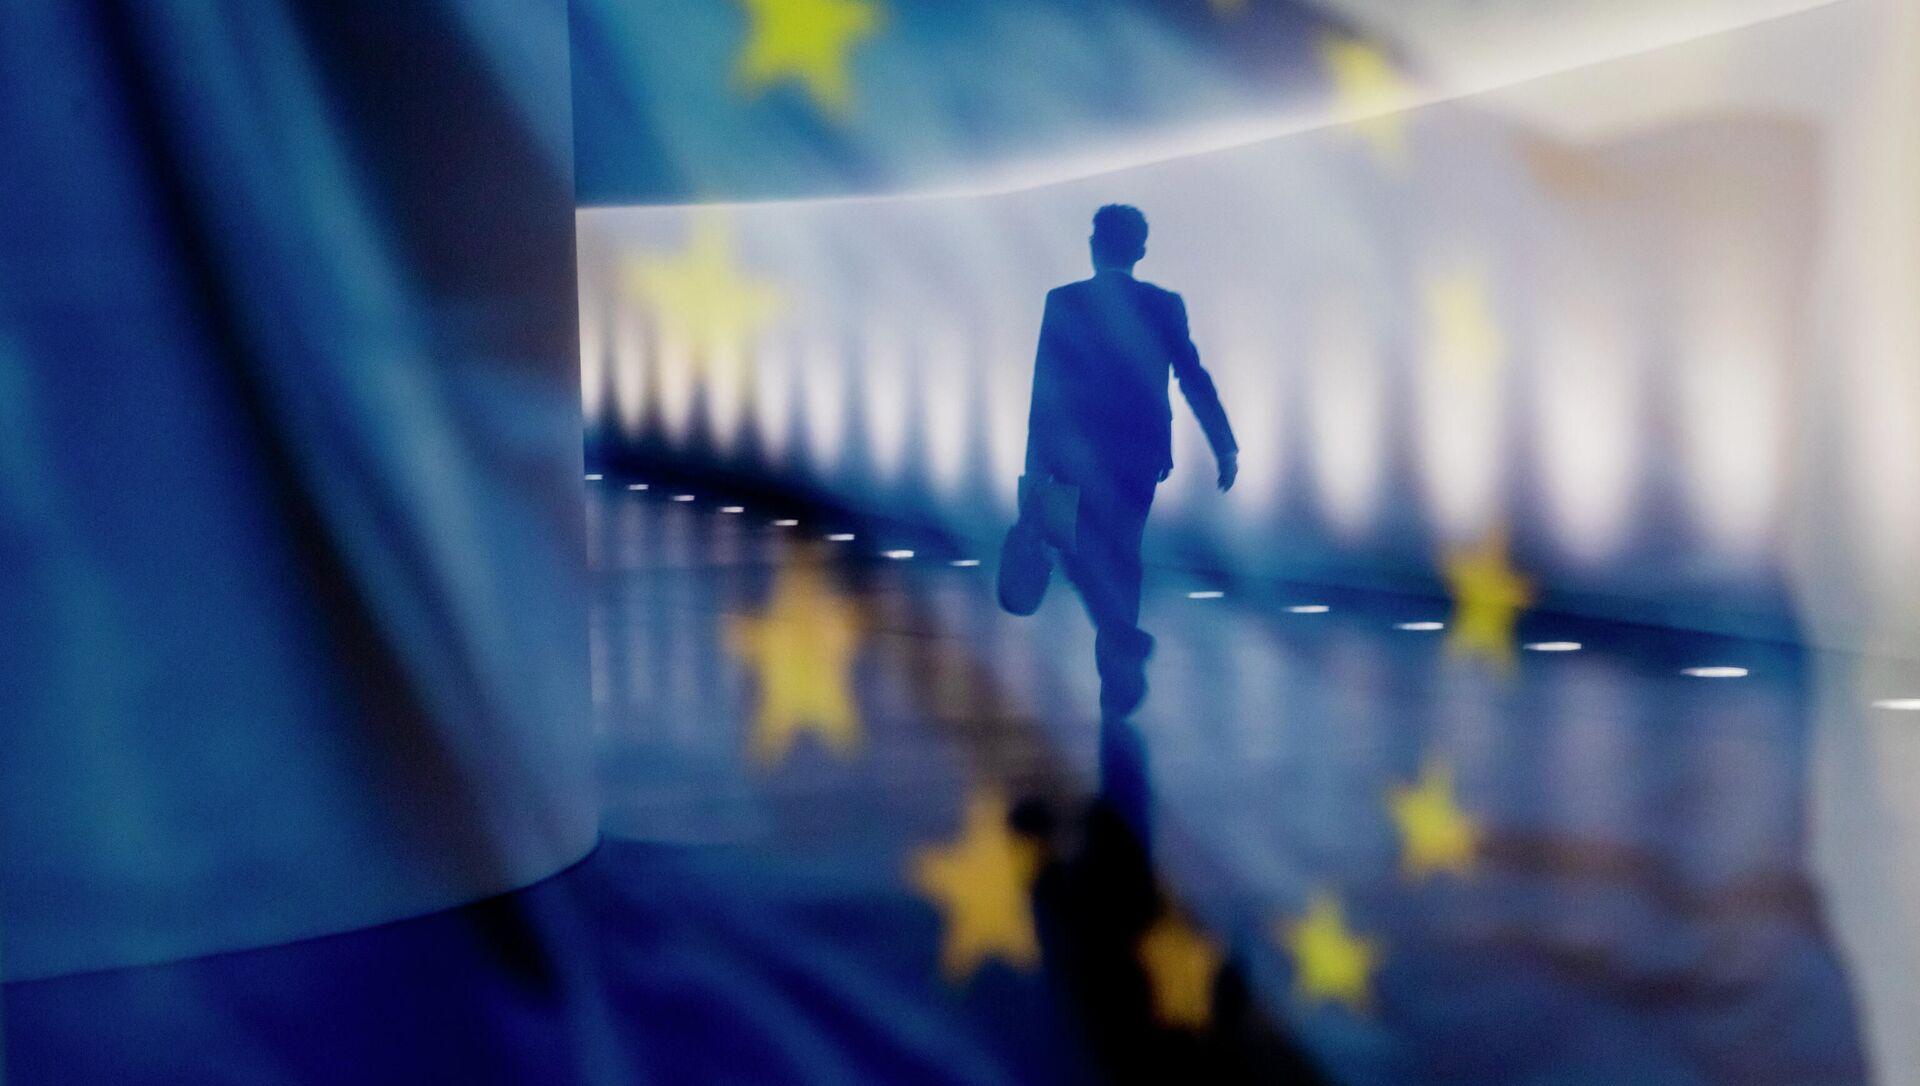 Pandemia koronawirusa przyczyniła się do likwidacji około 6 mln miejsc pracy w Unii Europejskiej.  - Sputnik Polska, 1920, 10.05.2021